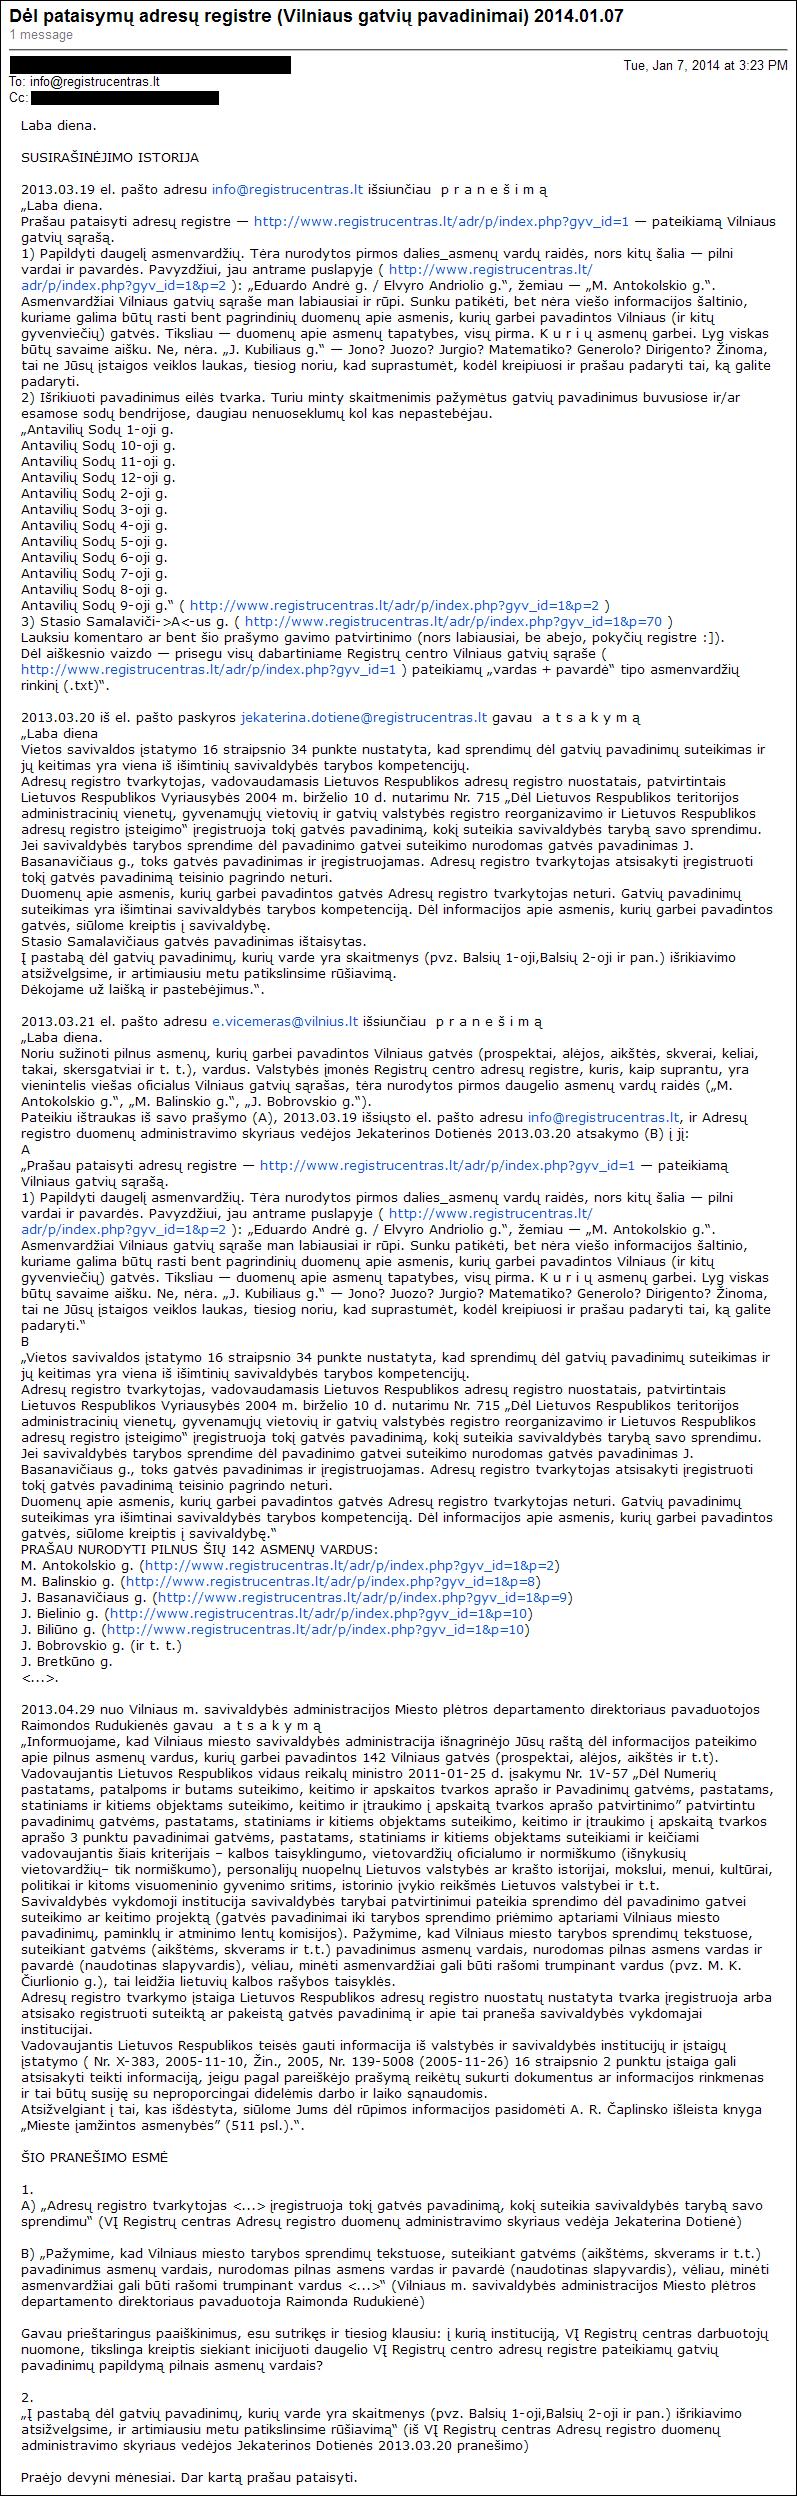 20130320-pataisymai-adresu-registre-vilniaus-gatviu-pavadinimai-04.jpg